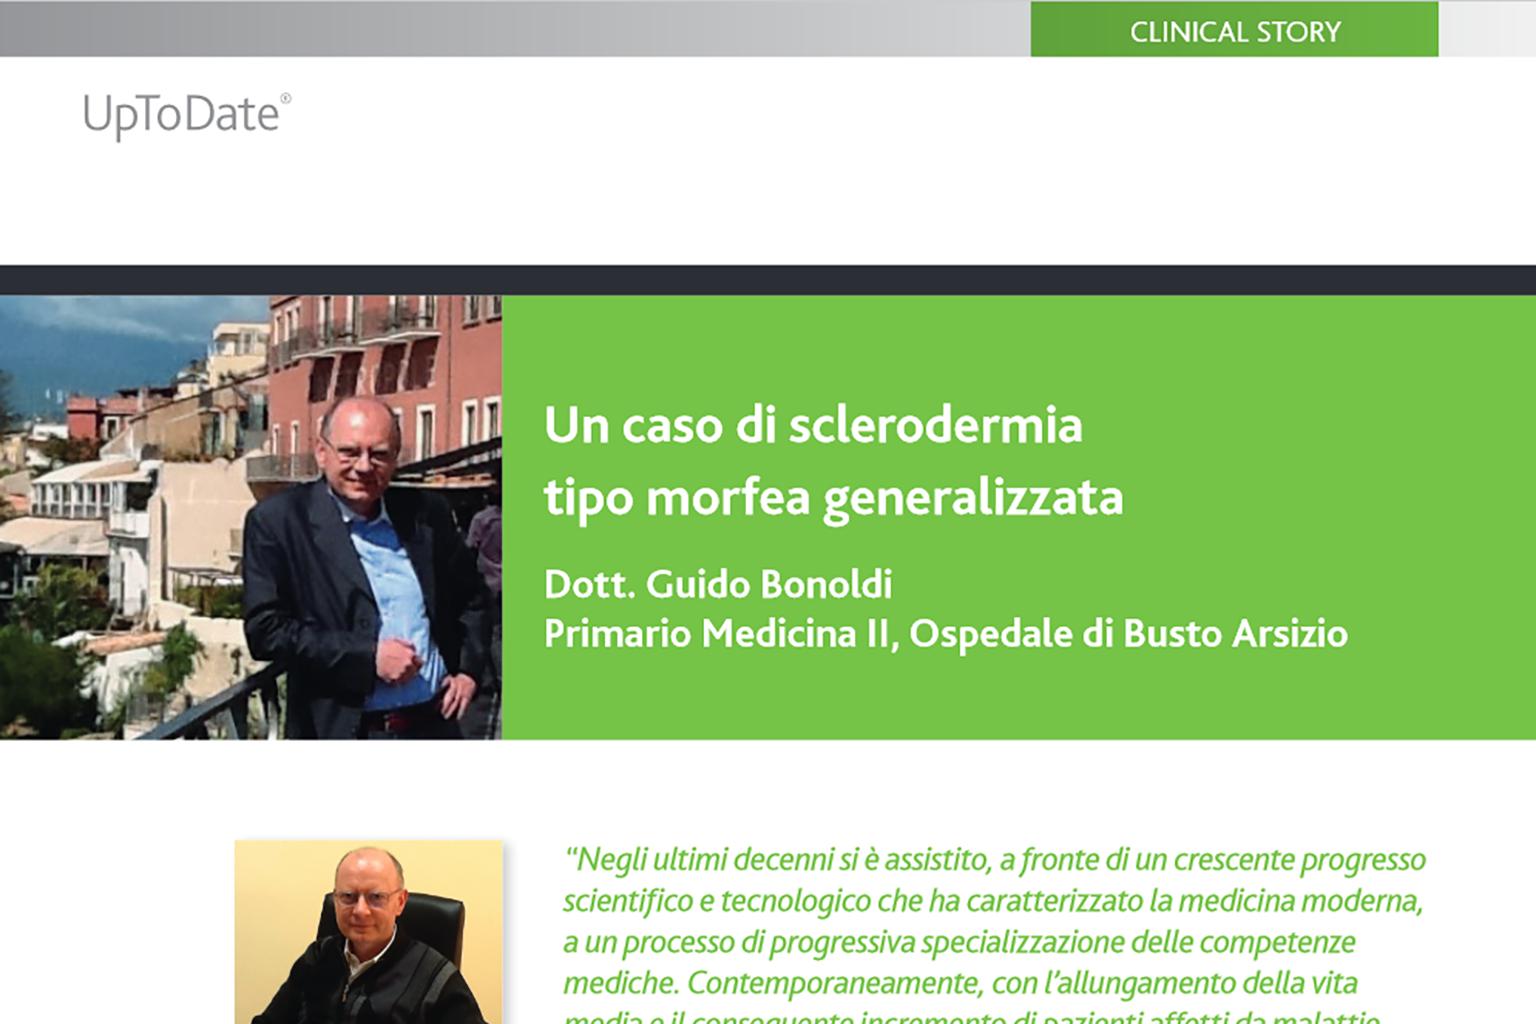 UpToDate Clinical Story: Un caso di sclerodermia tipo morfea generalizzata